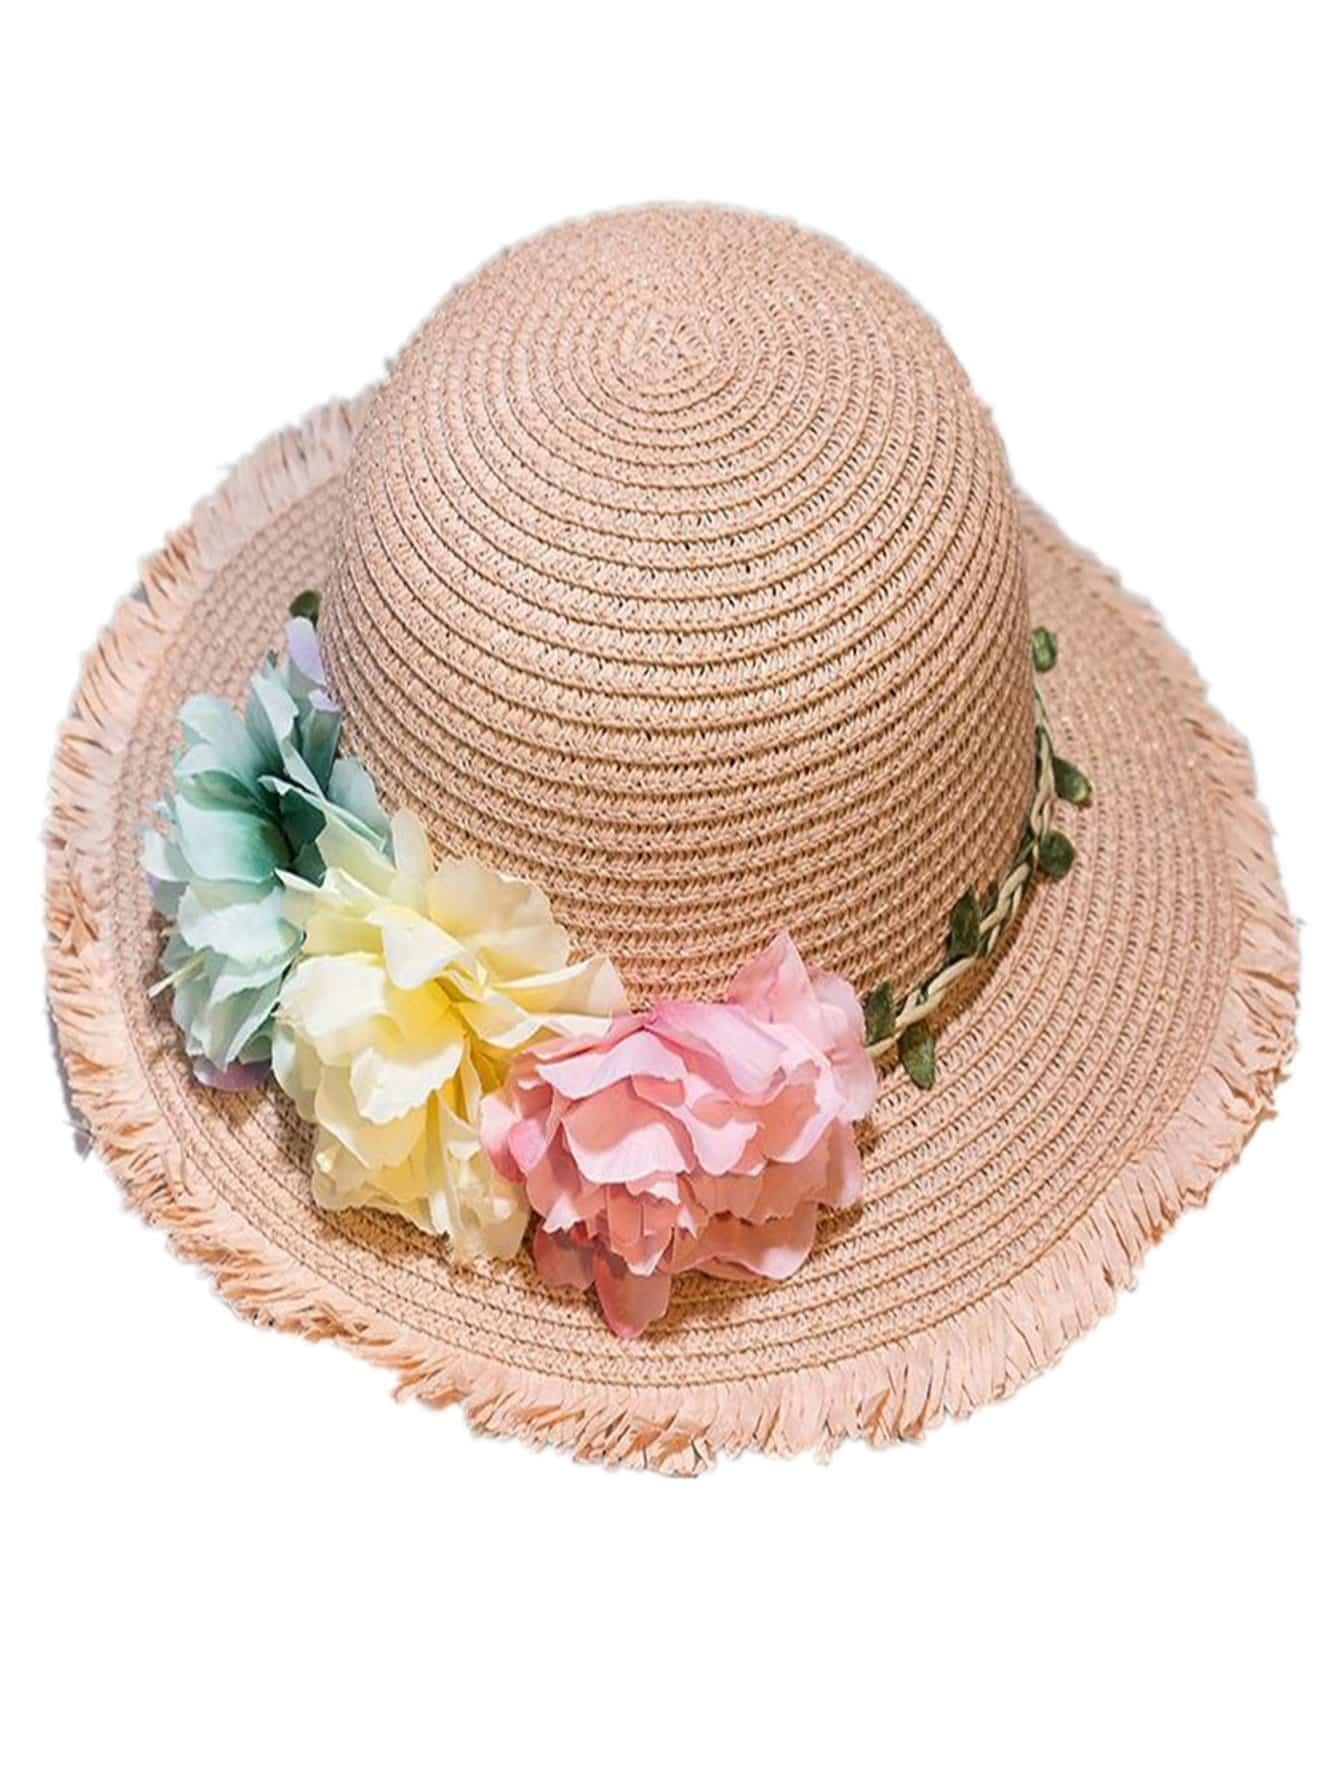 Купить Соломенная шляпа и с украшением цветов и с рваными оборками для девочки, null, SheIn